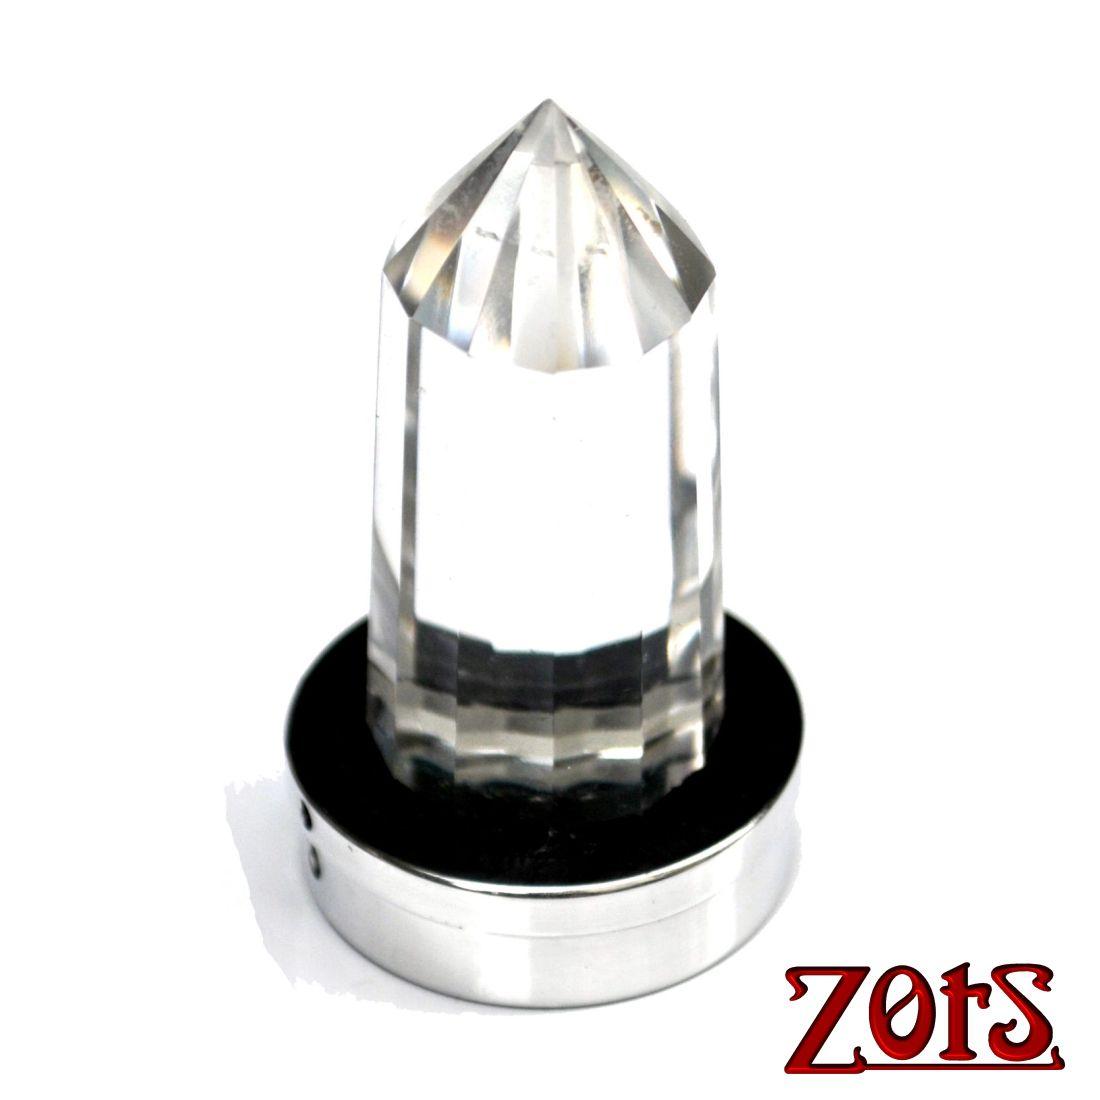 Ponta de Cristal Voguel para Bastão Cromático Zots